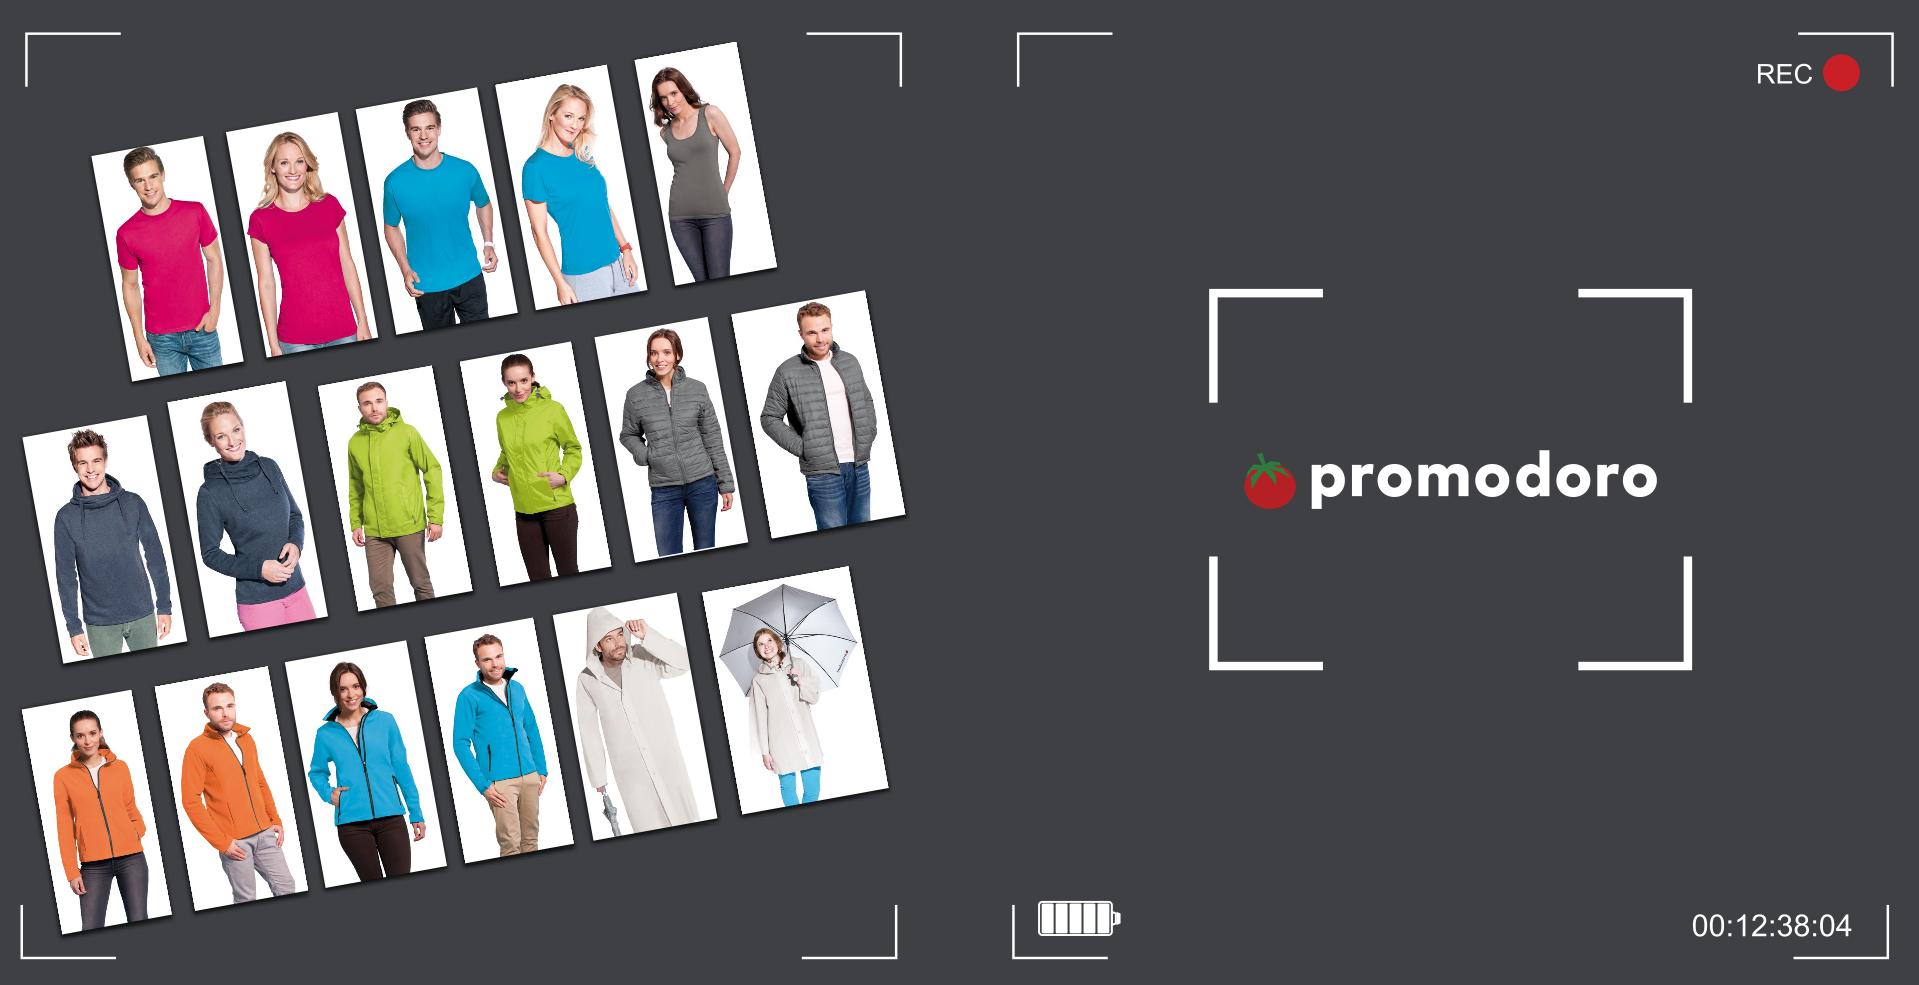 promodoro_1